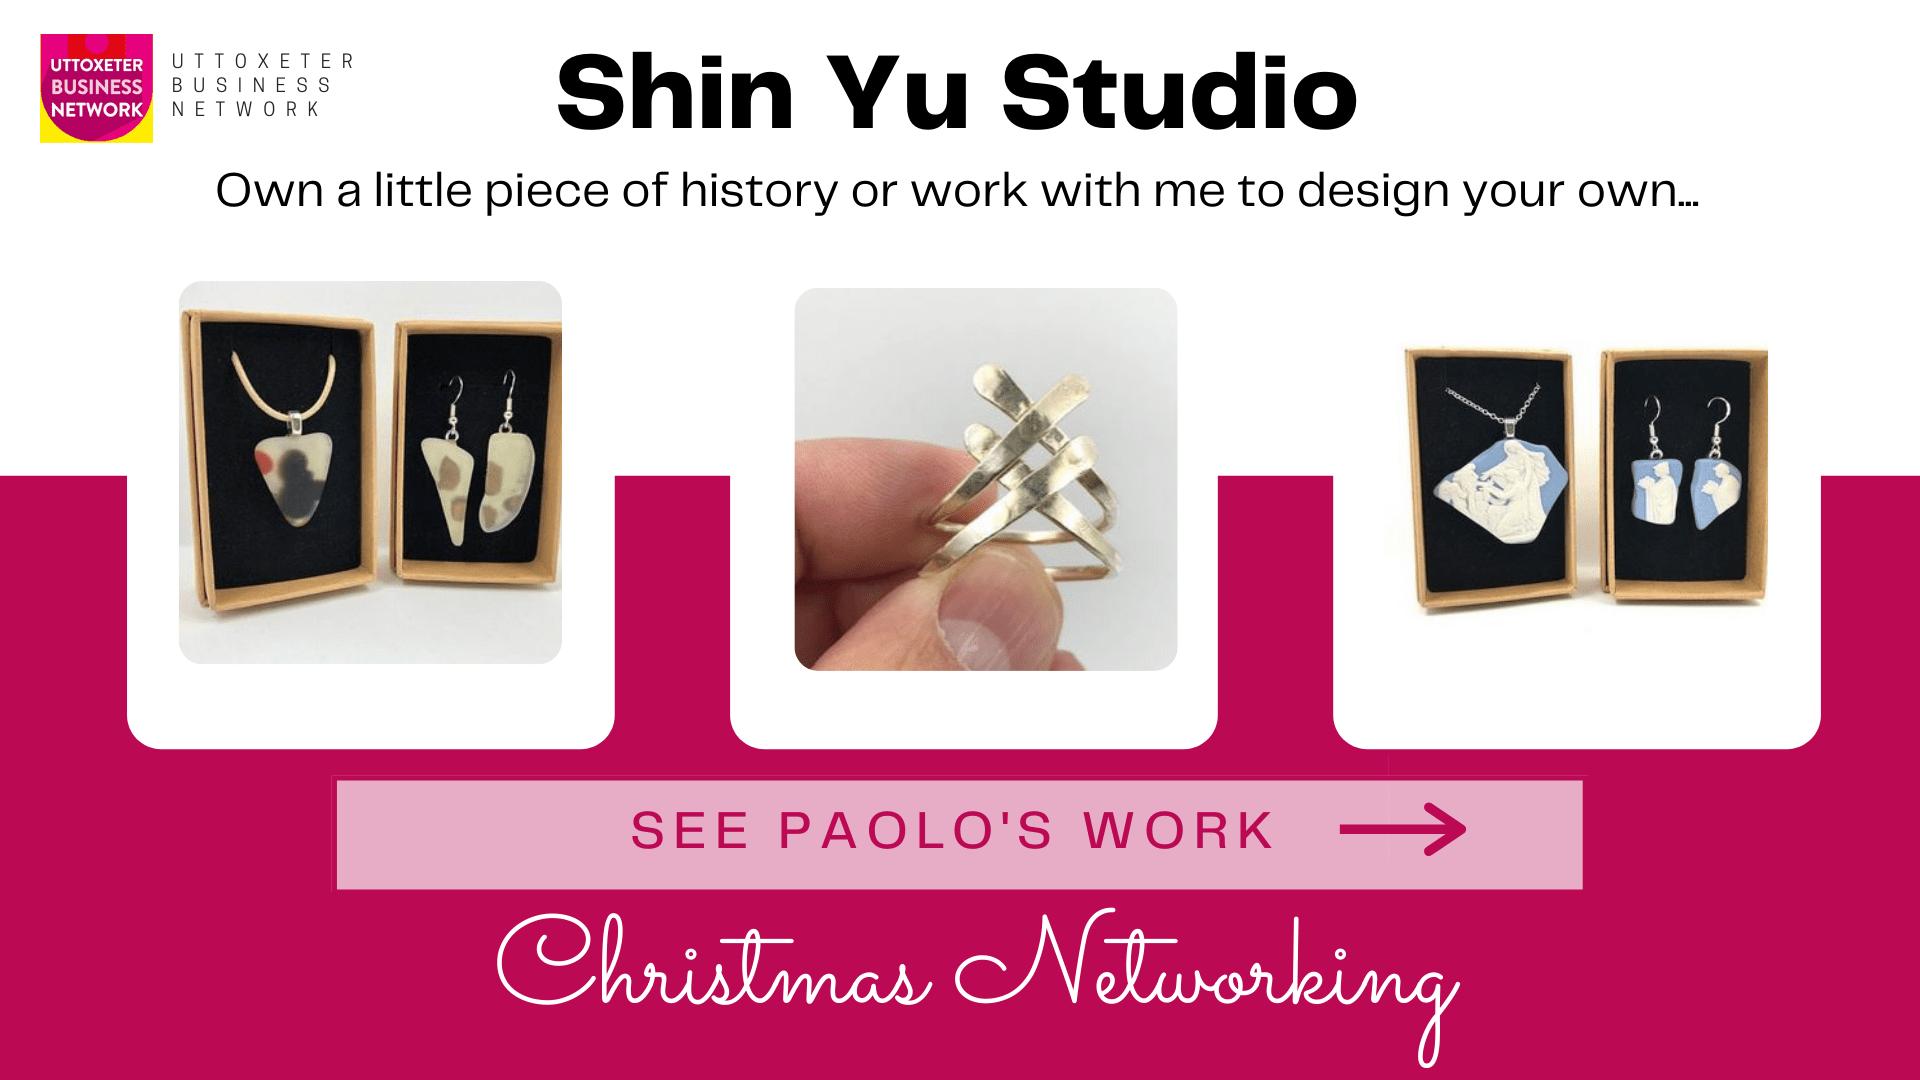 Shin Yu Studio